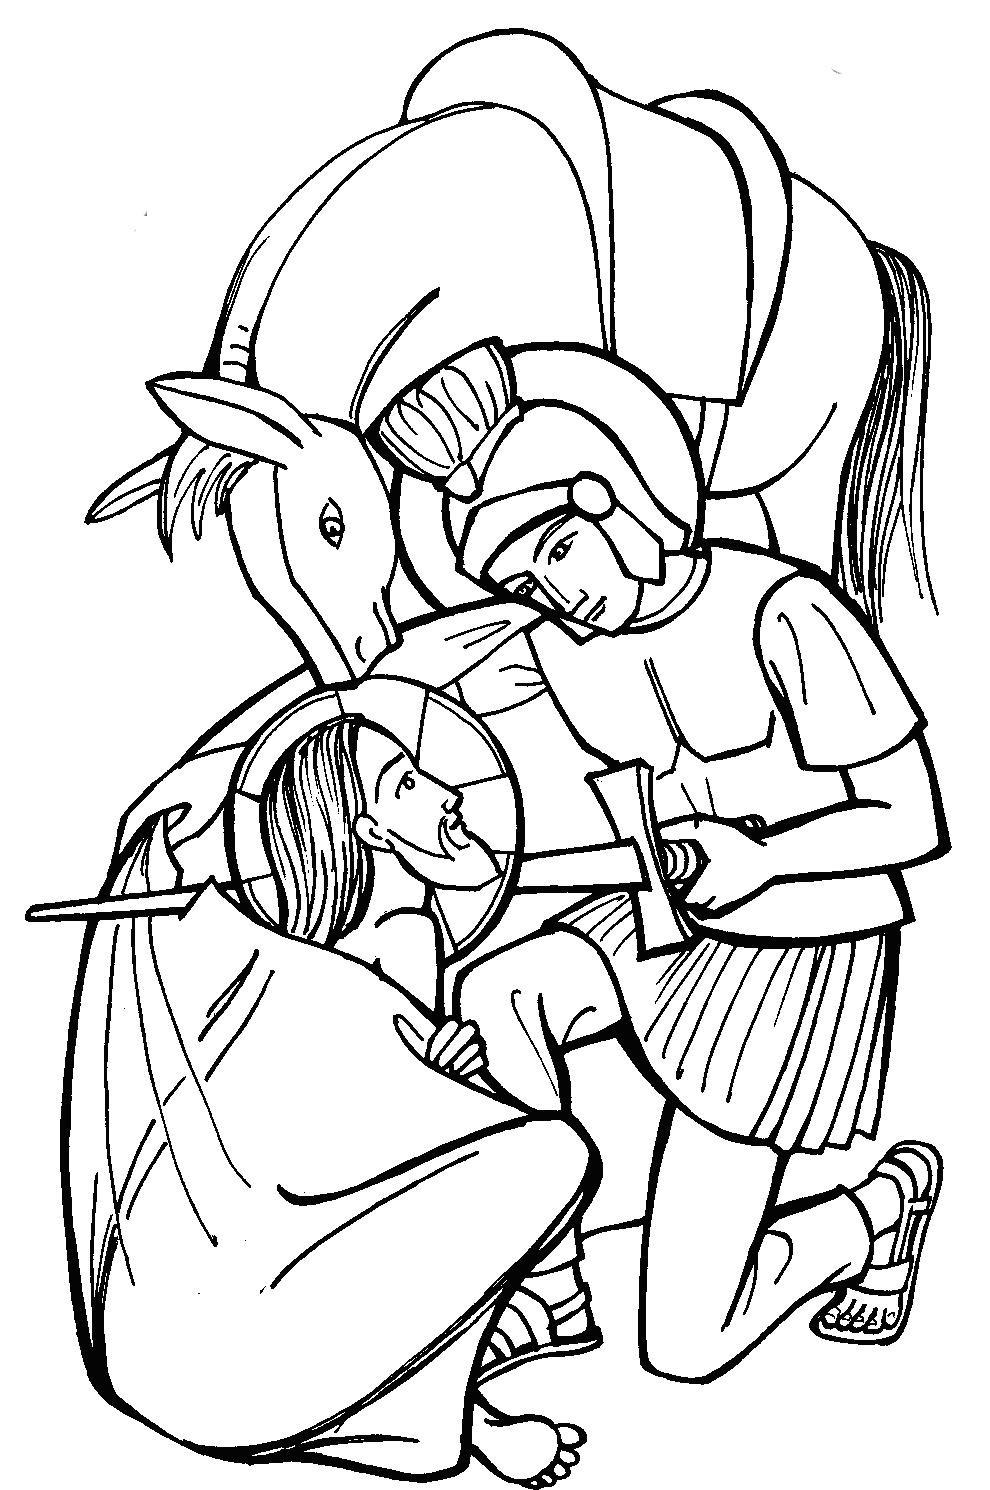 St. Martin Ausmalbilder  Pin Sankt Martin Malvorlage Zum Basteln Mit Namen on Pinterest